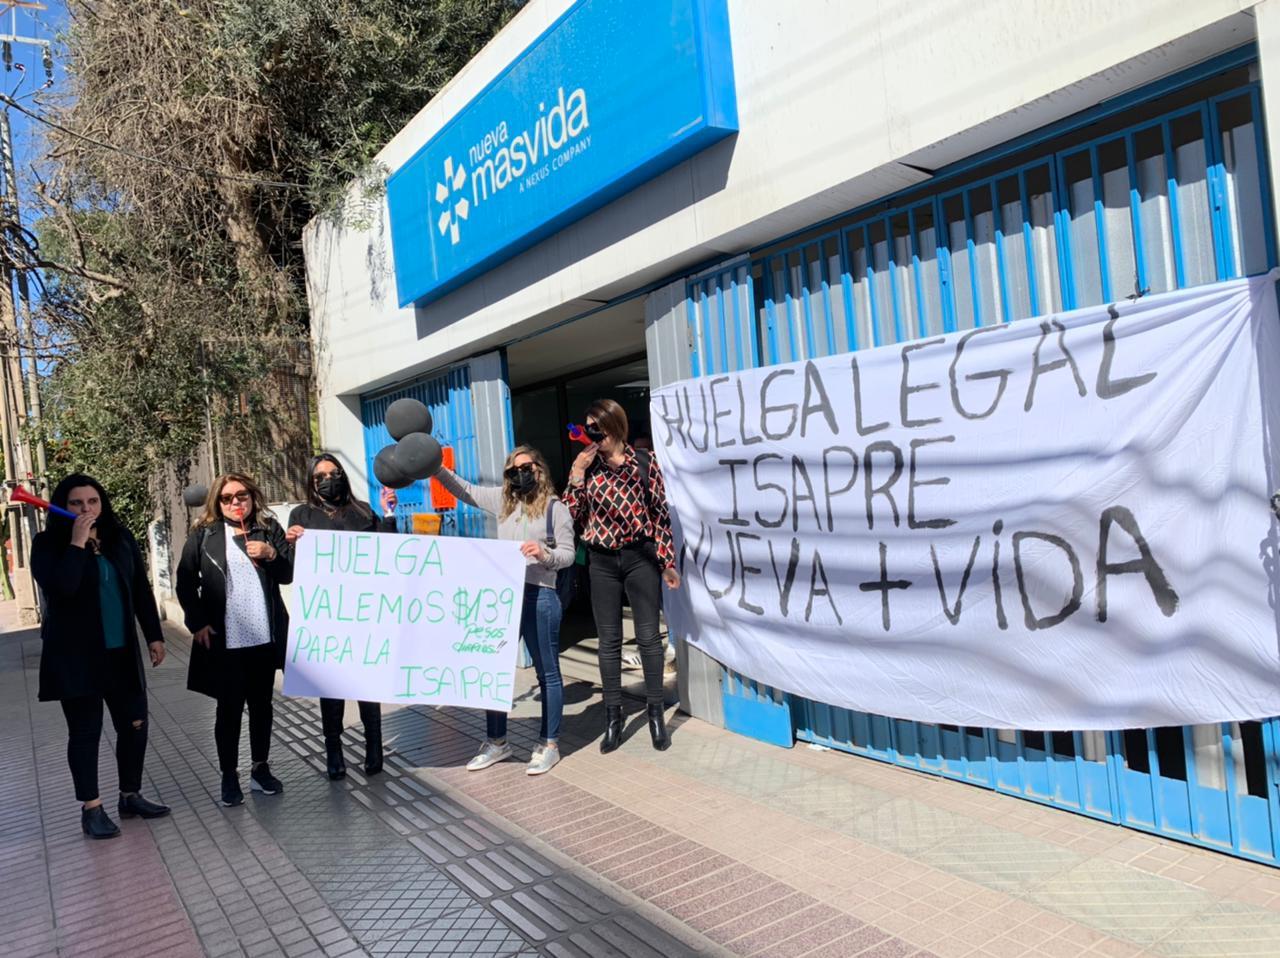 Sindicato de Isapre Nueva Más Vida en huelga tras fracaso de negociación colectiva con la empresa